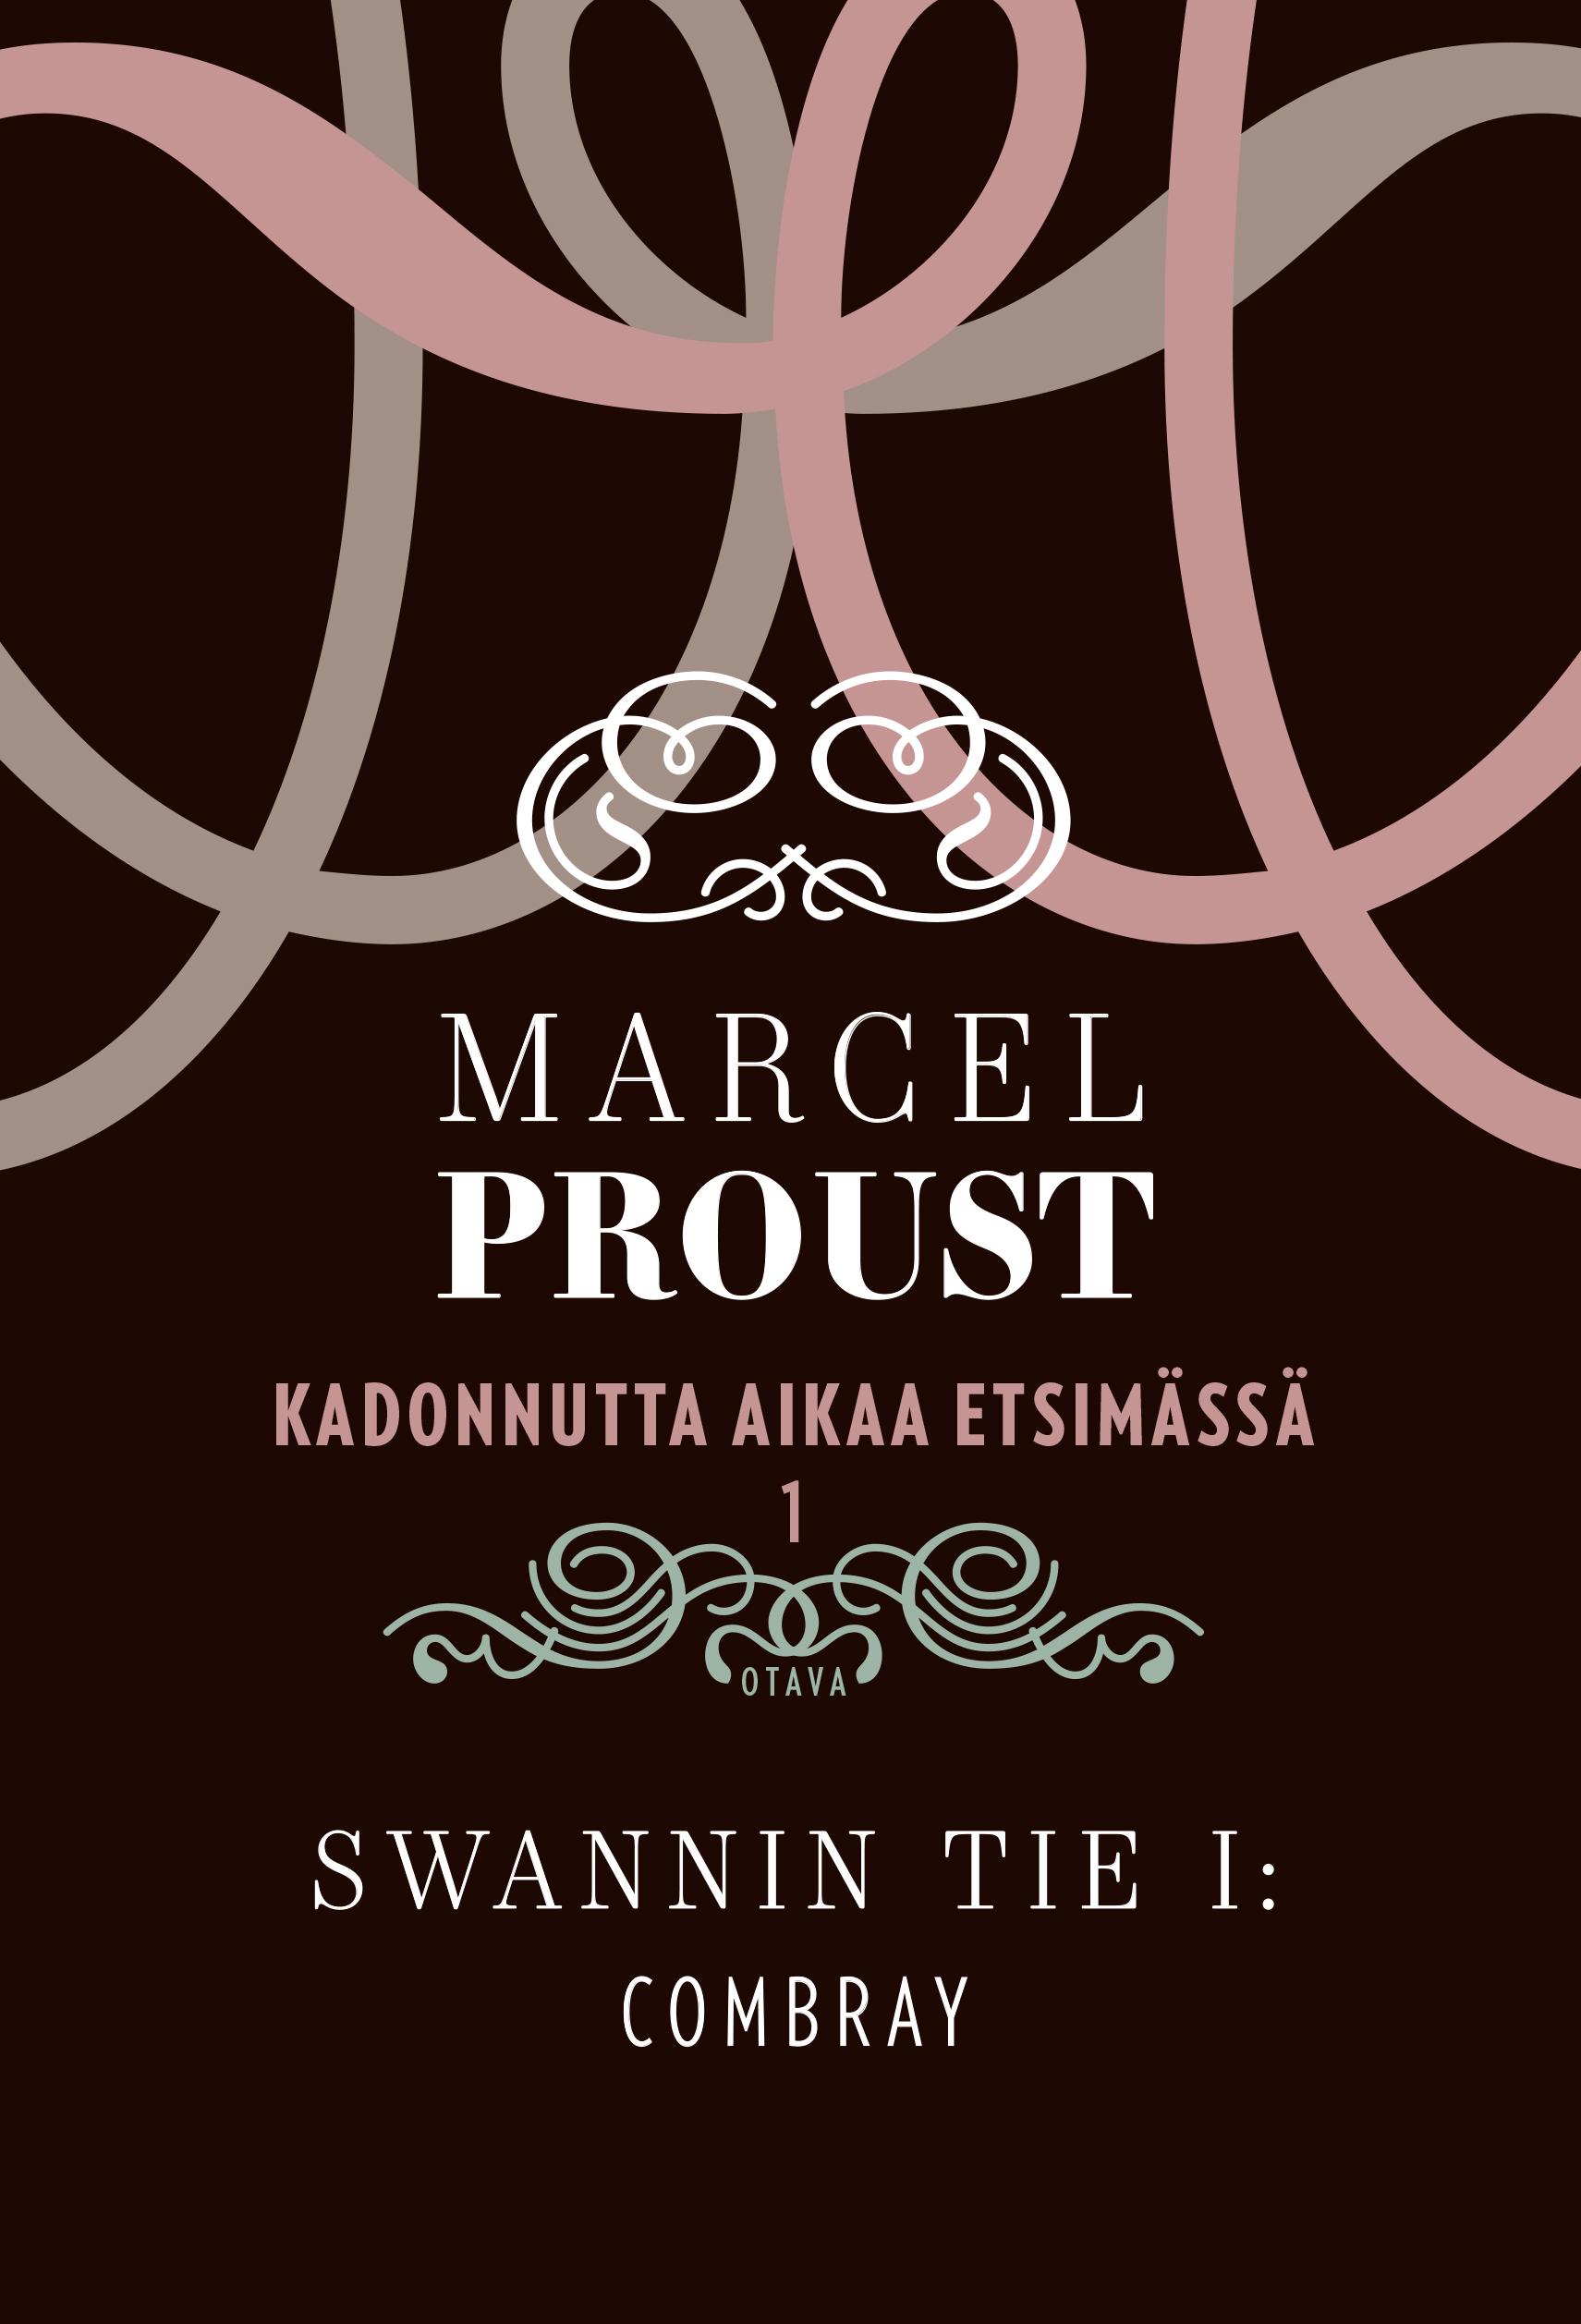 Marcel Proust Kadonnutta Aikaa Etsimässä